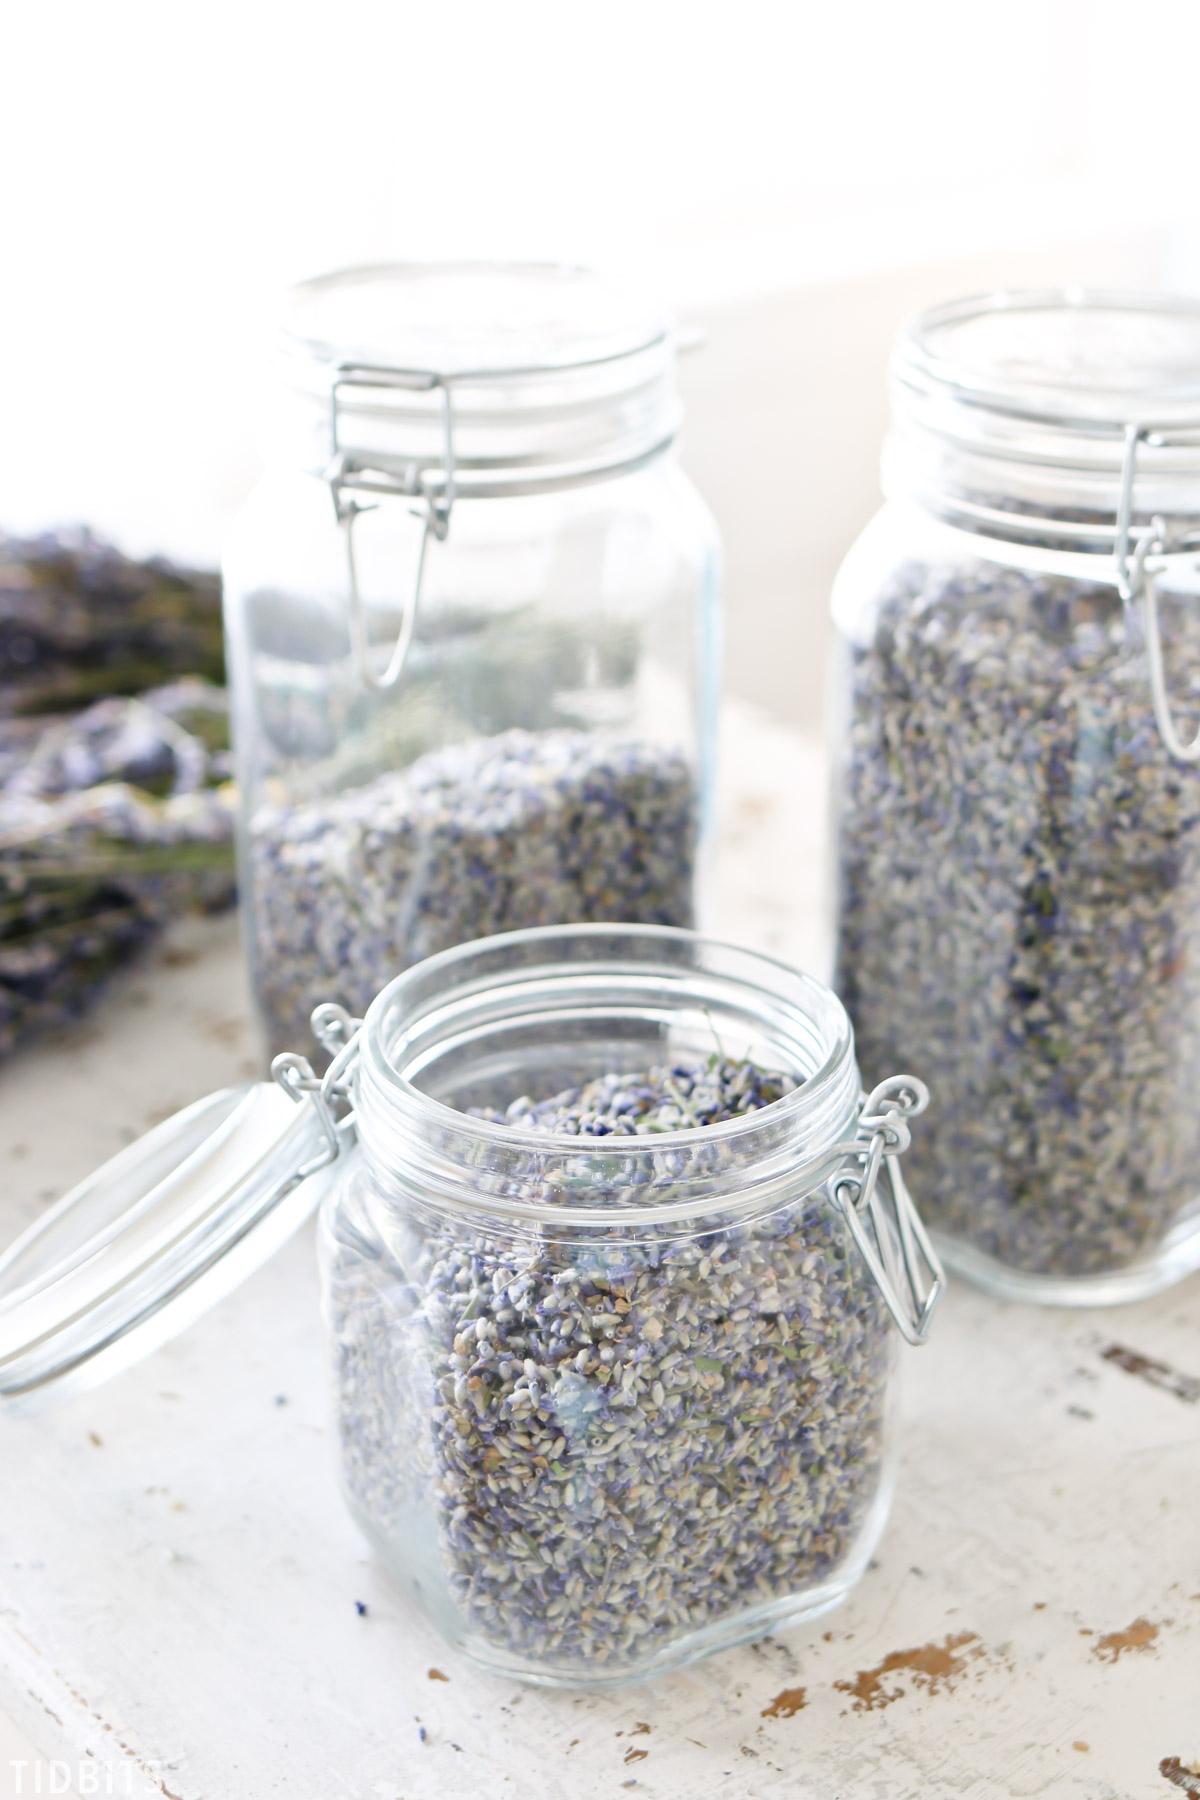 dried lavender buds in jars